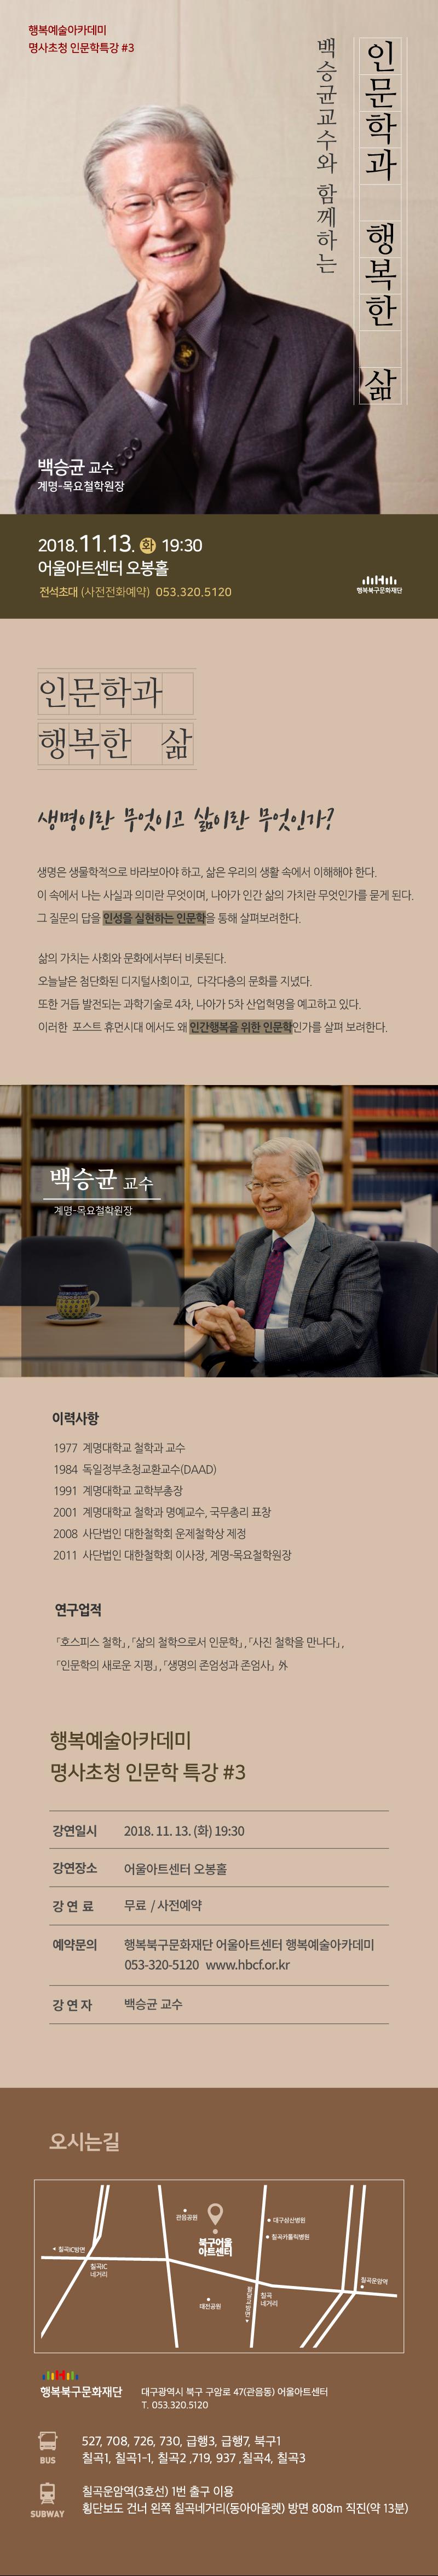 홈페이지_상세(특강_백승균).png